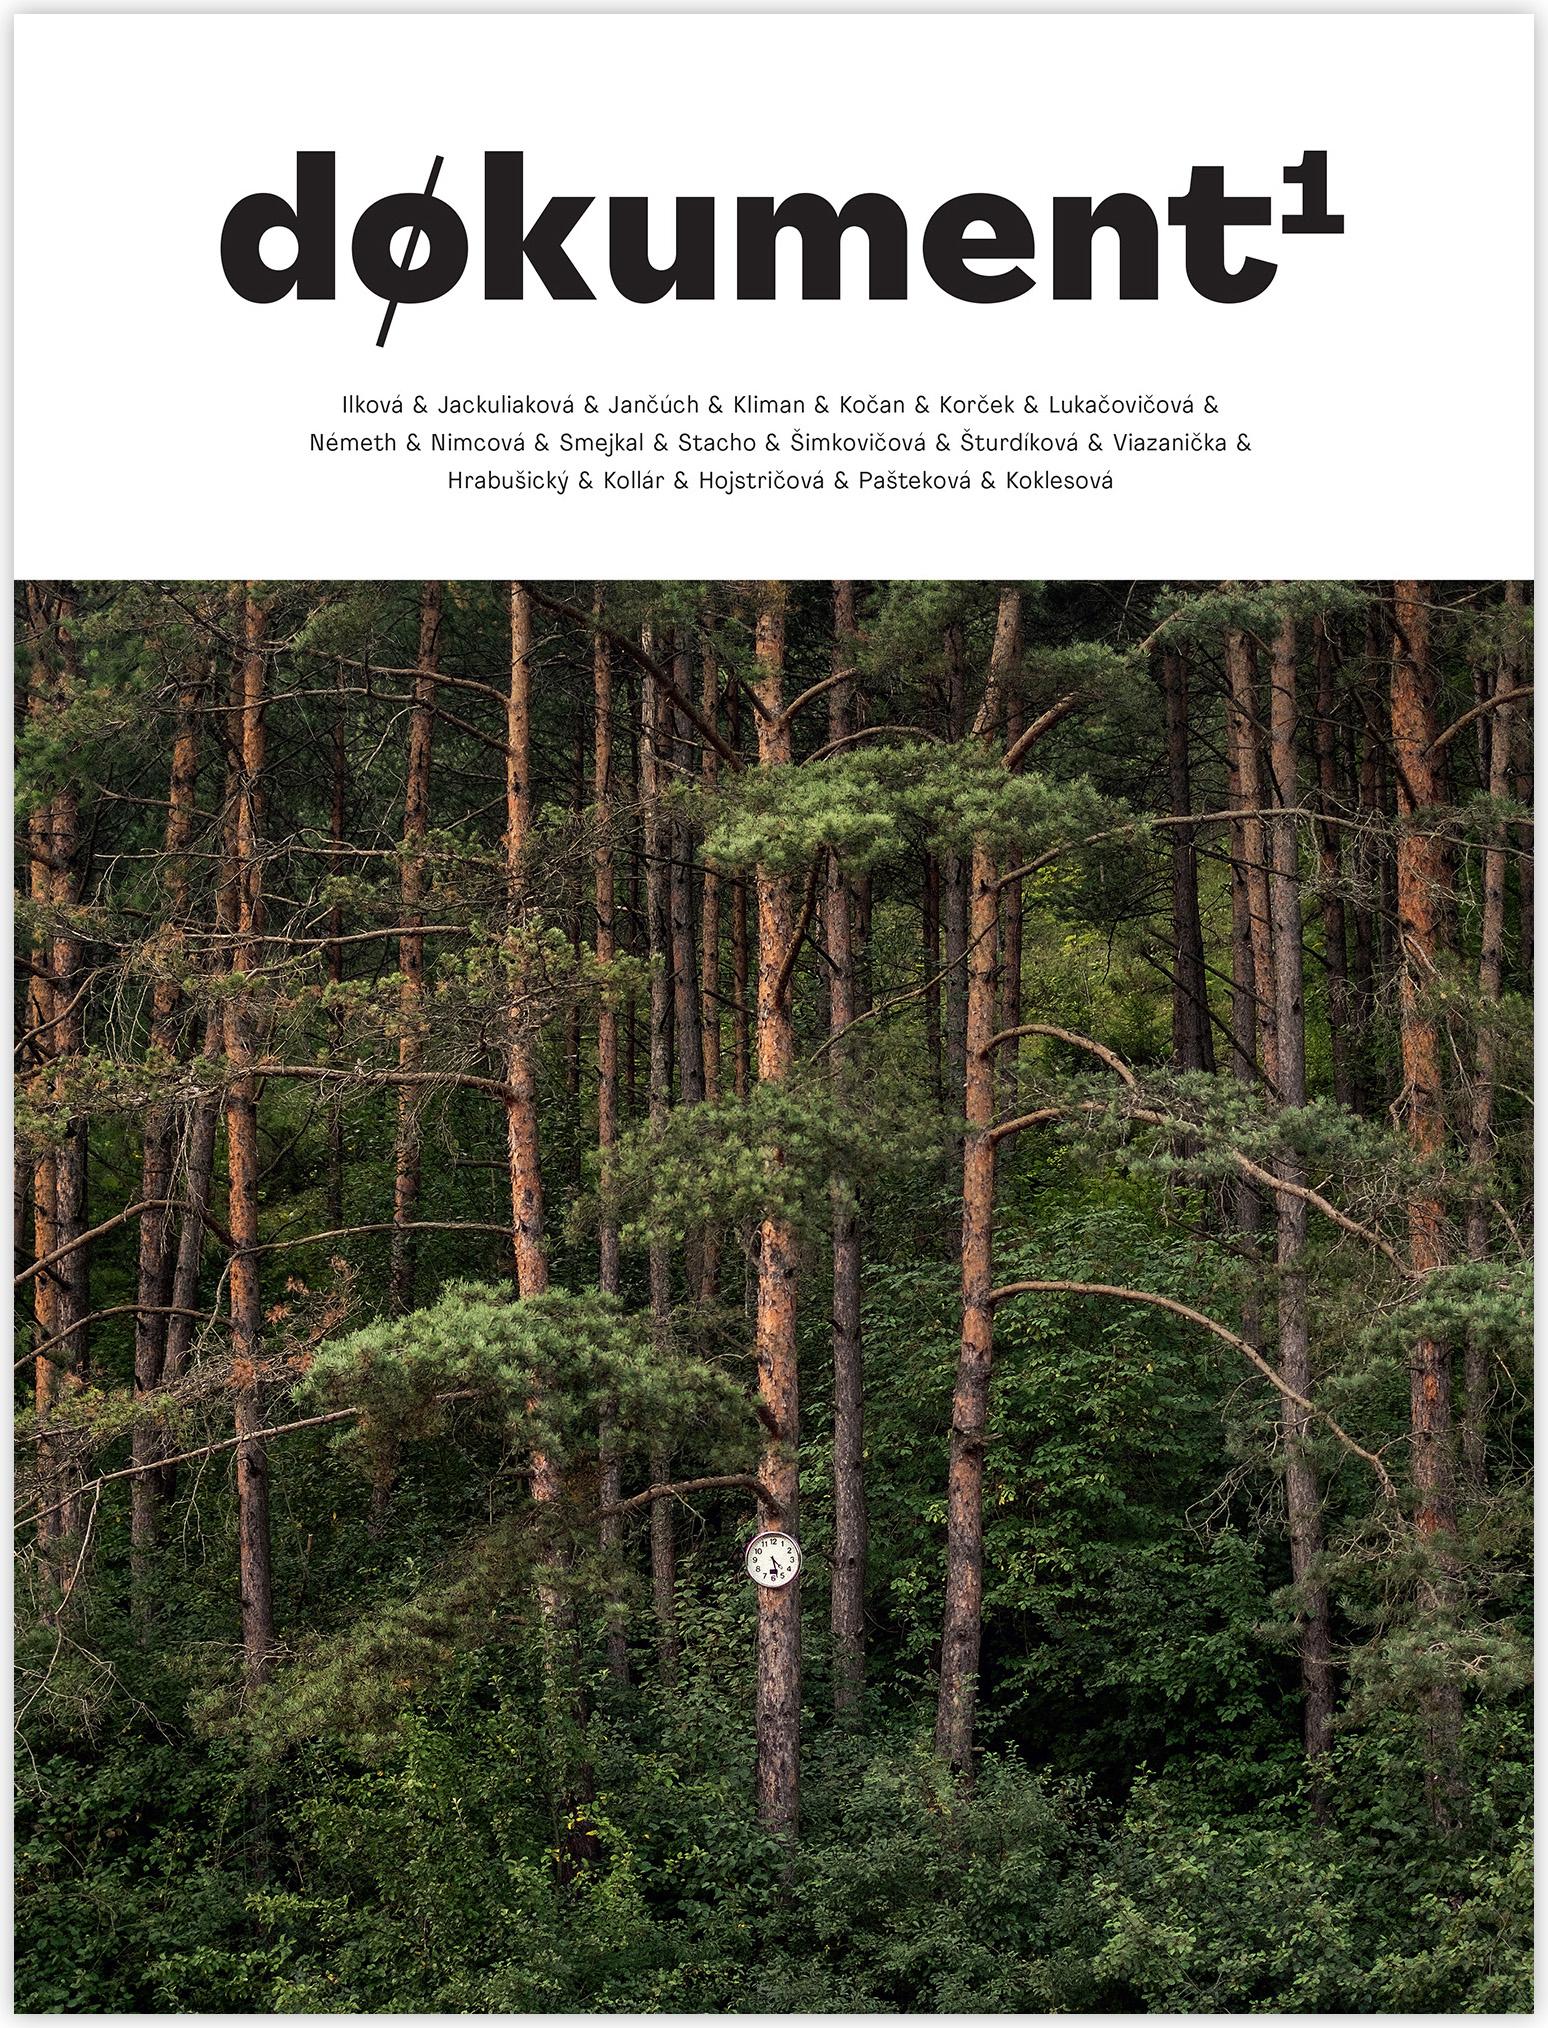 Obálka knihy Døkument1, 2019